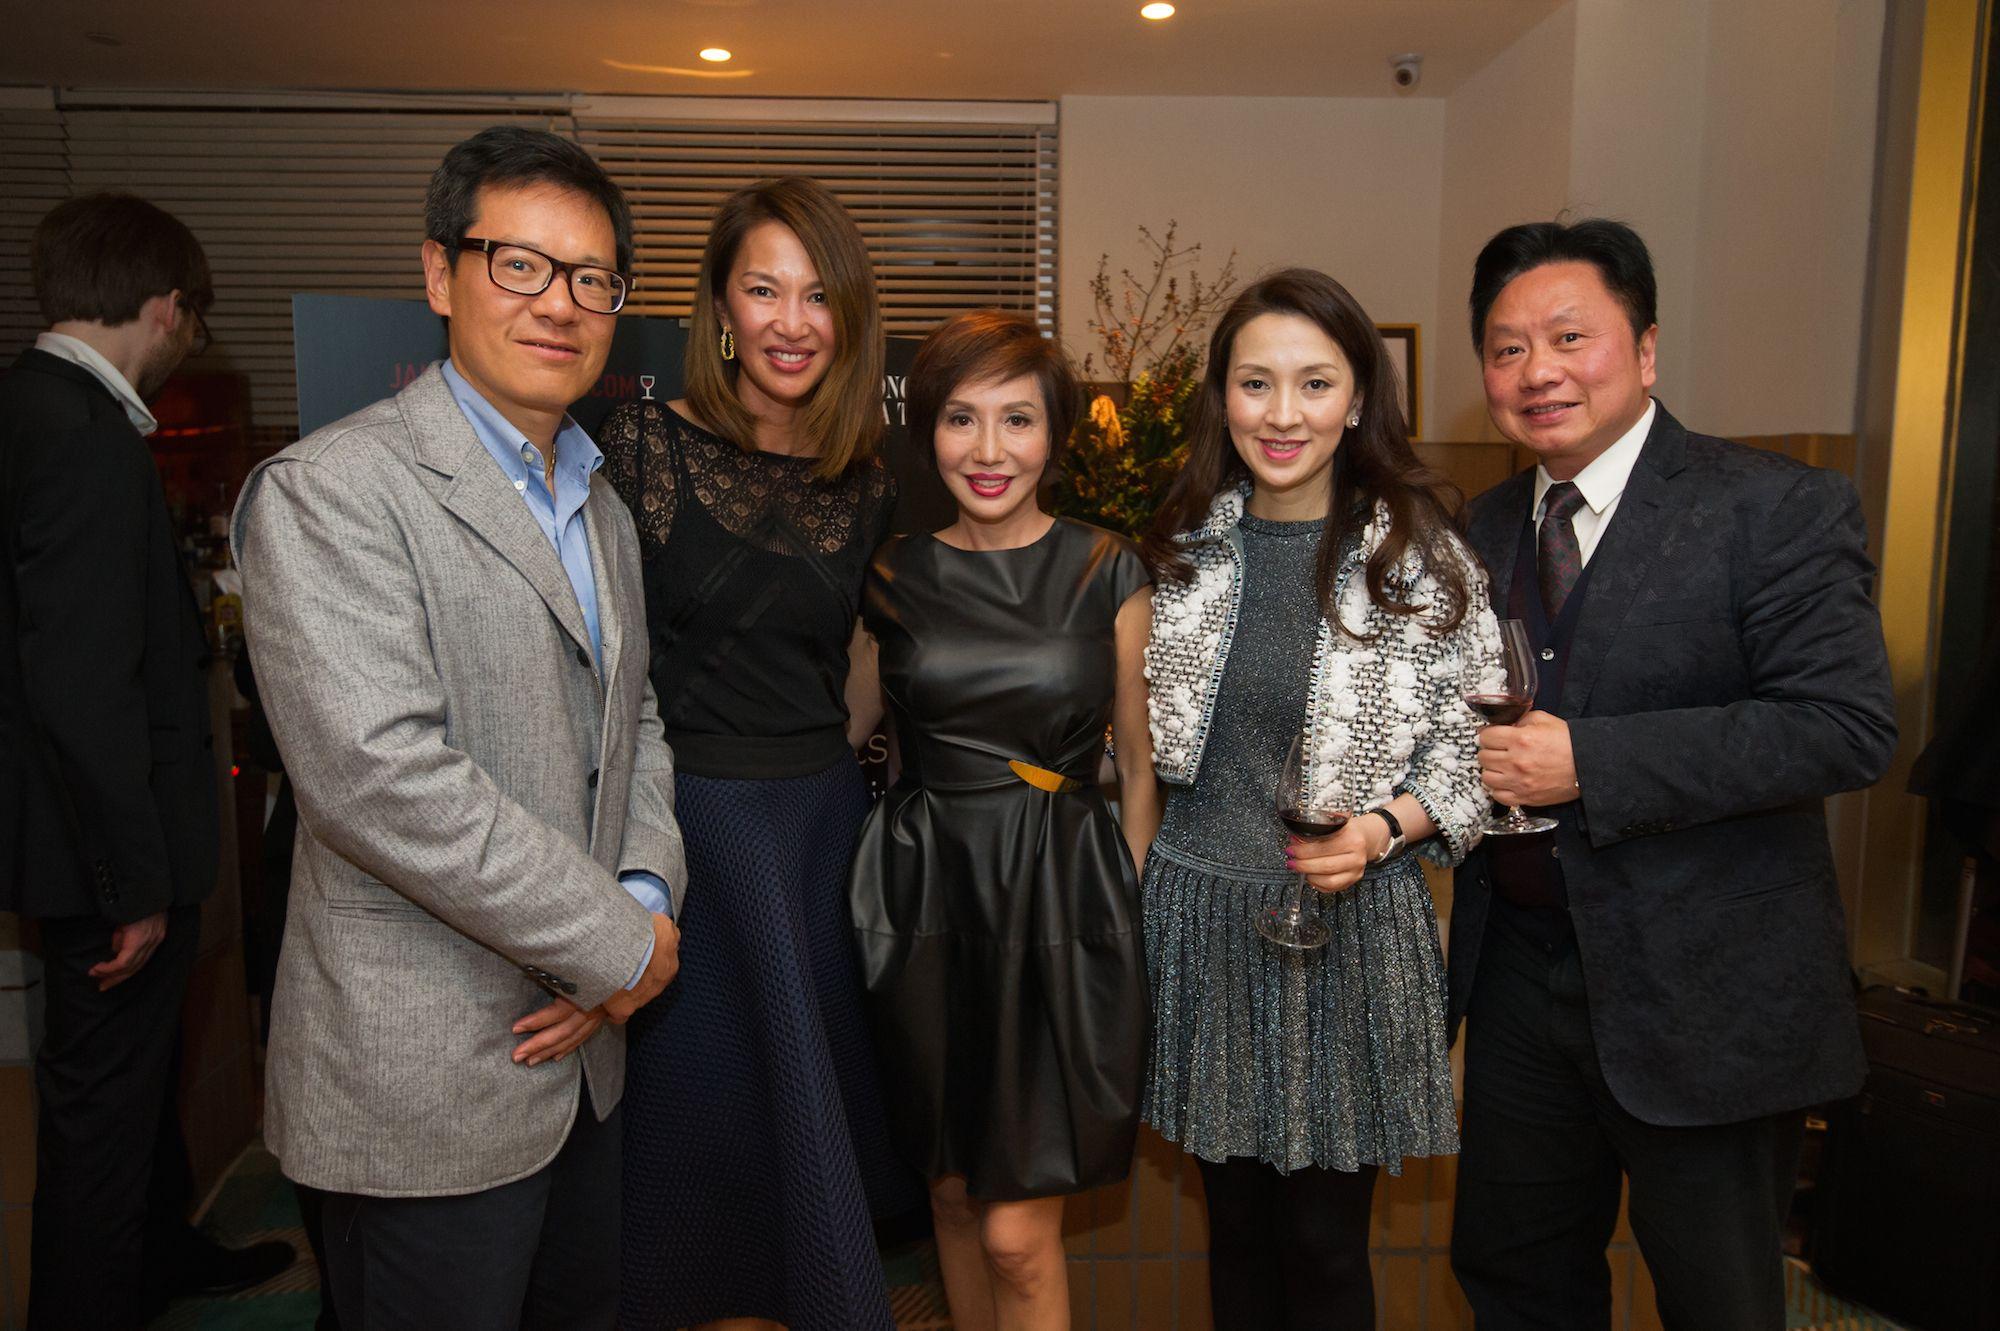 Hamilton Tang, Yolanda Choy-Tang, Olivia Lee-Davies, Emily Tang and Jimmy Tang